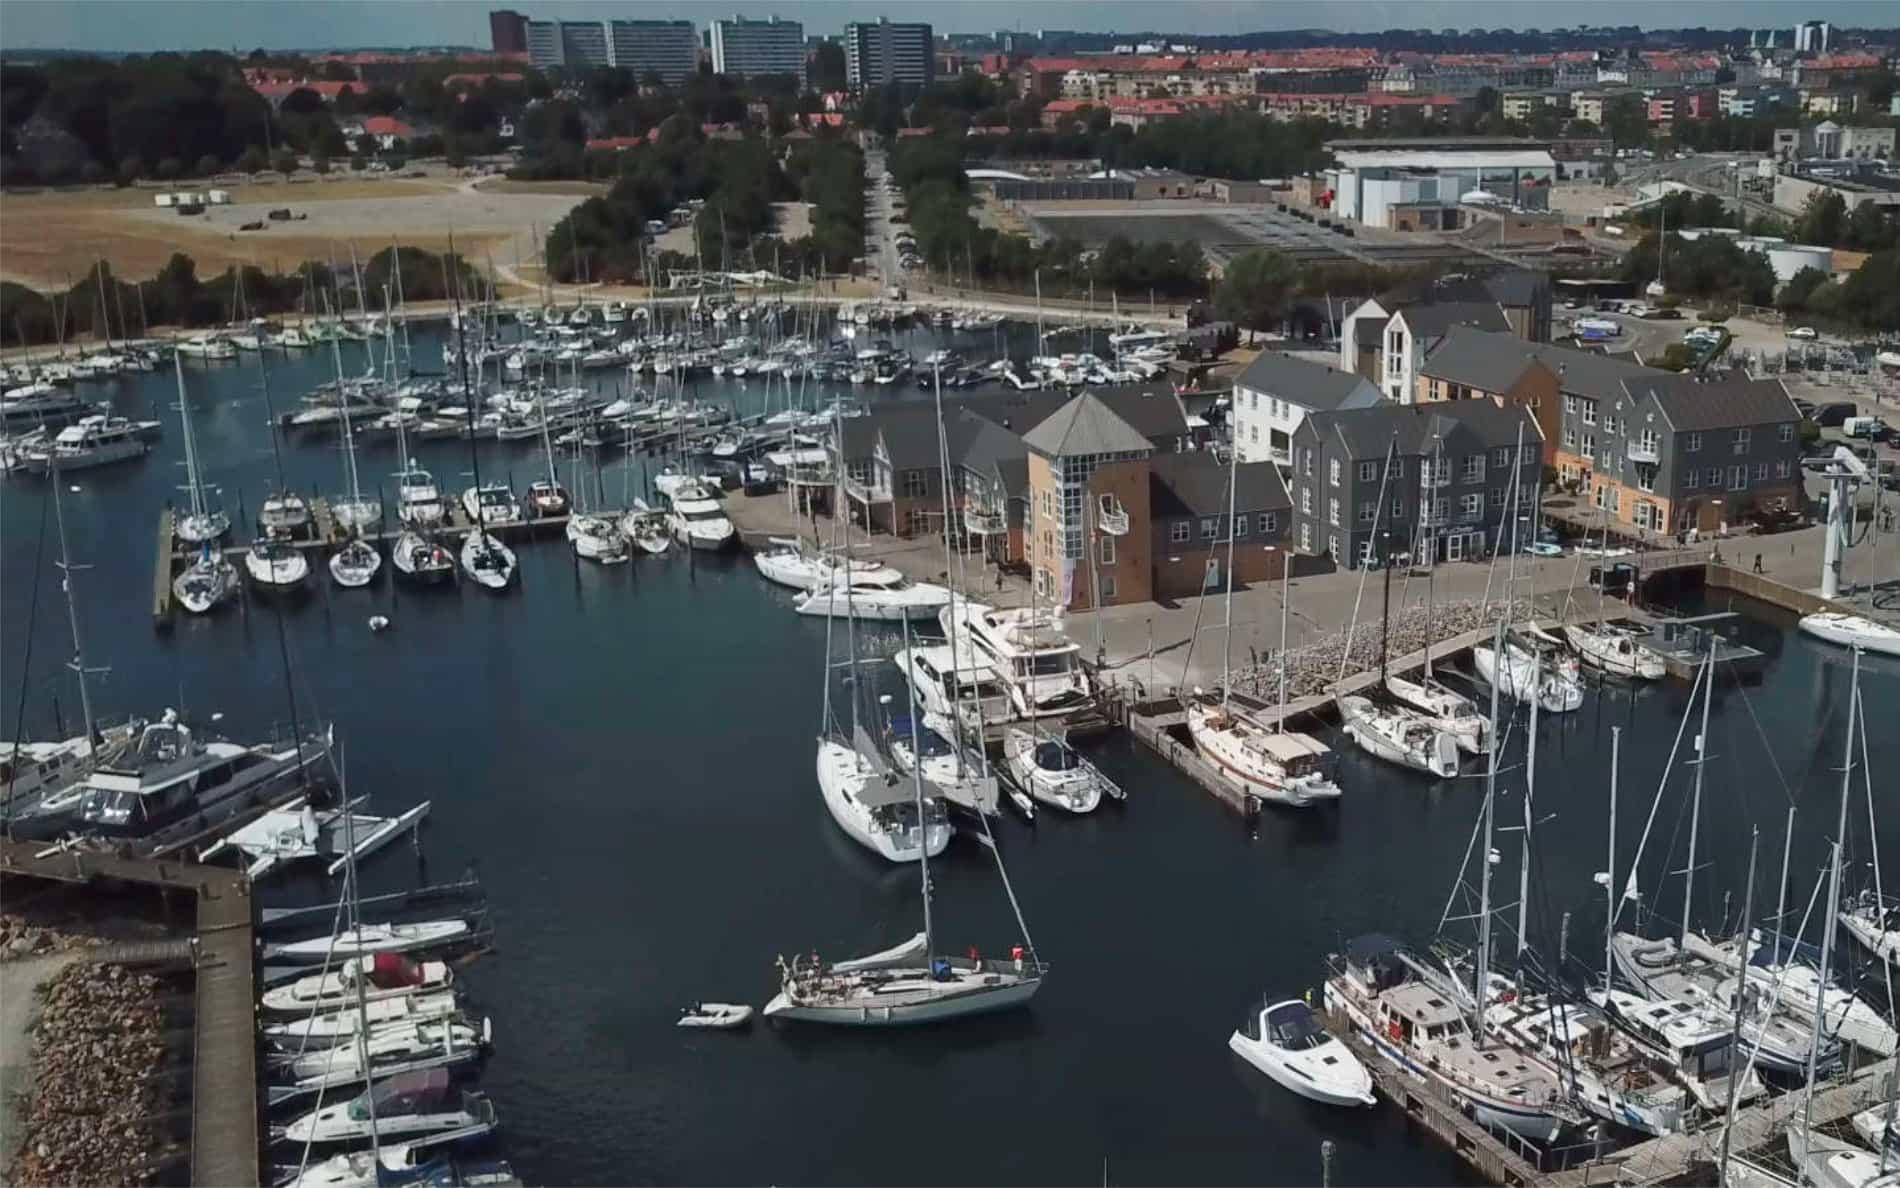 Marselisborg Lystbådehavn set fra luften